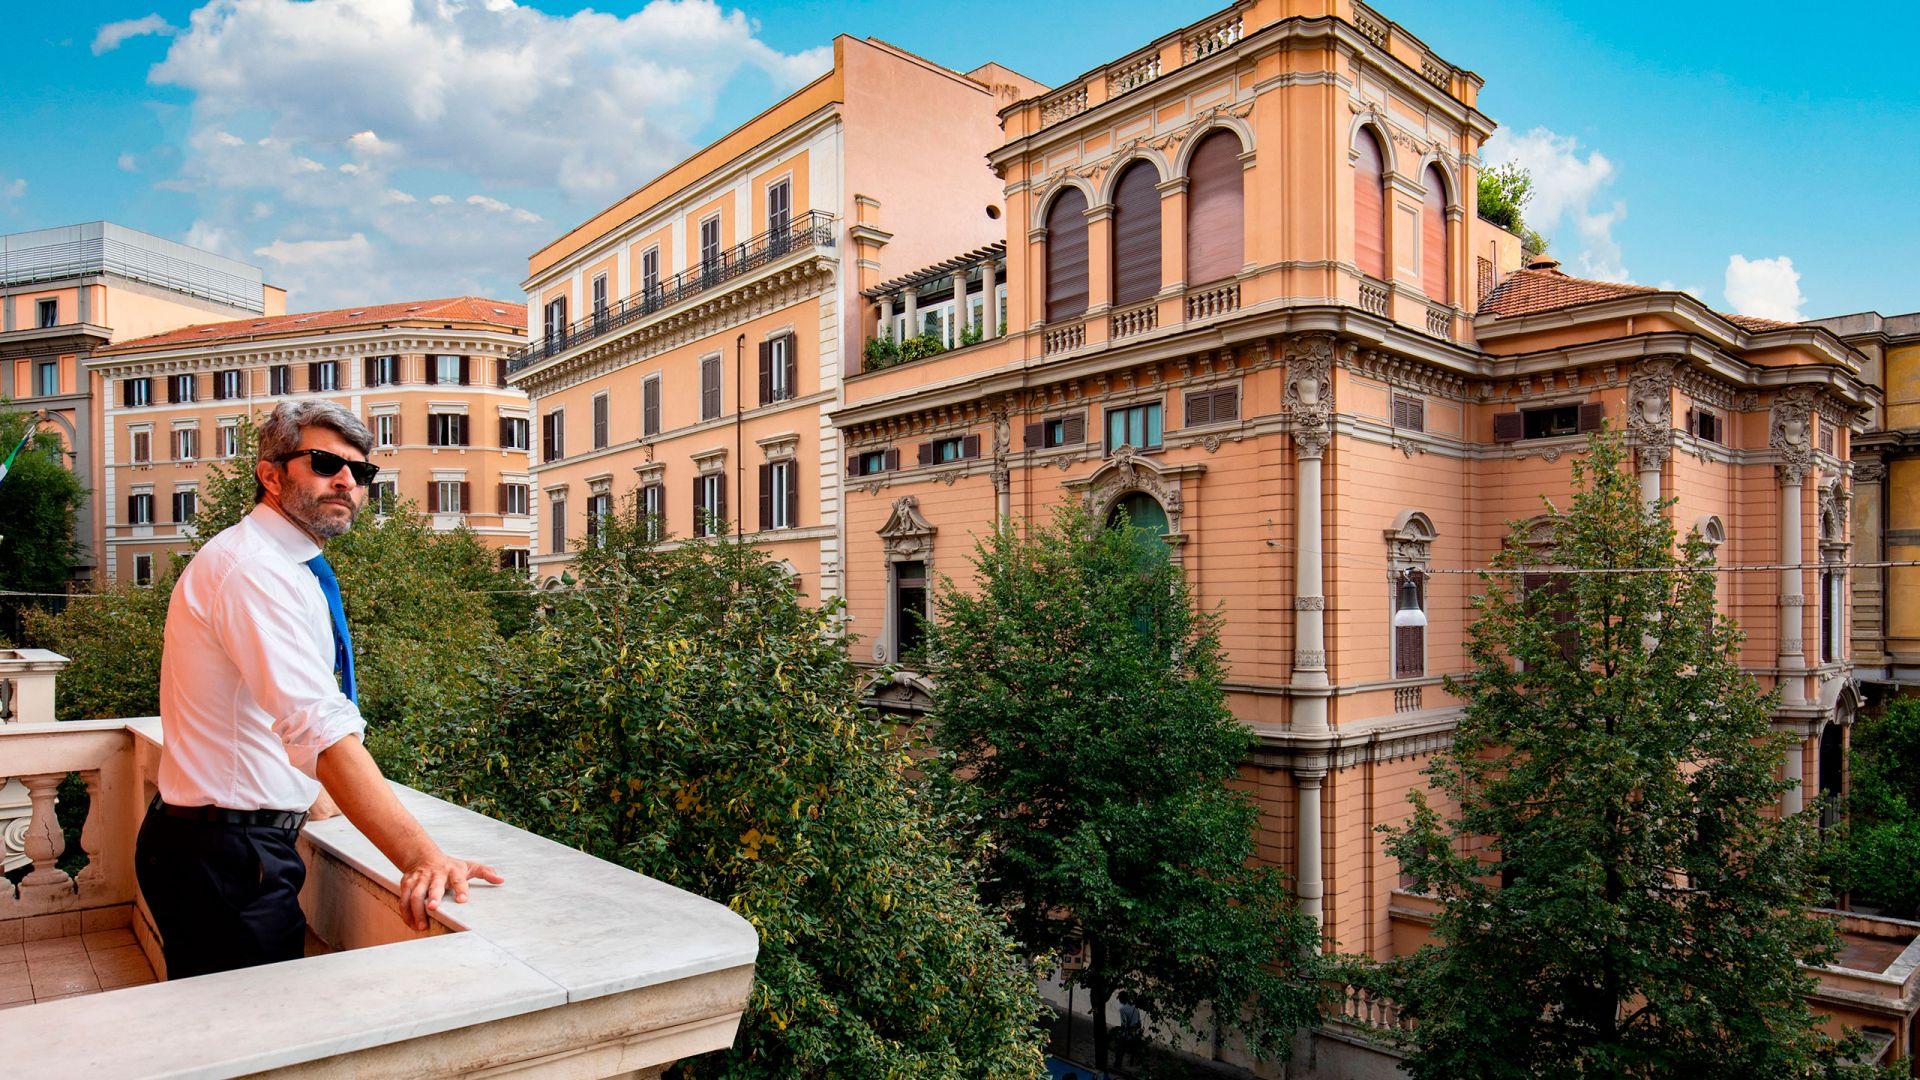 IMG-6777--Hotel-Oxofrd-Roma-Quart-Restaurant.jpg